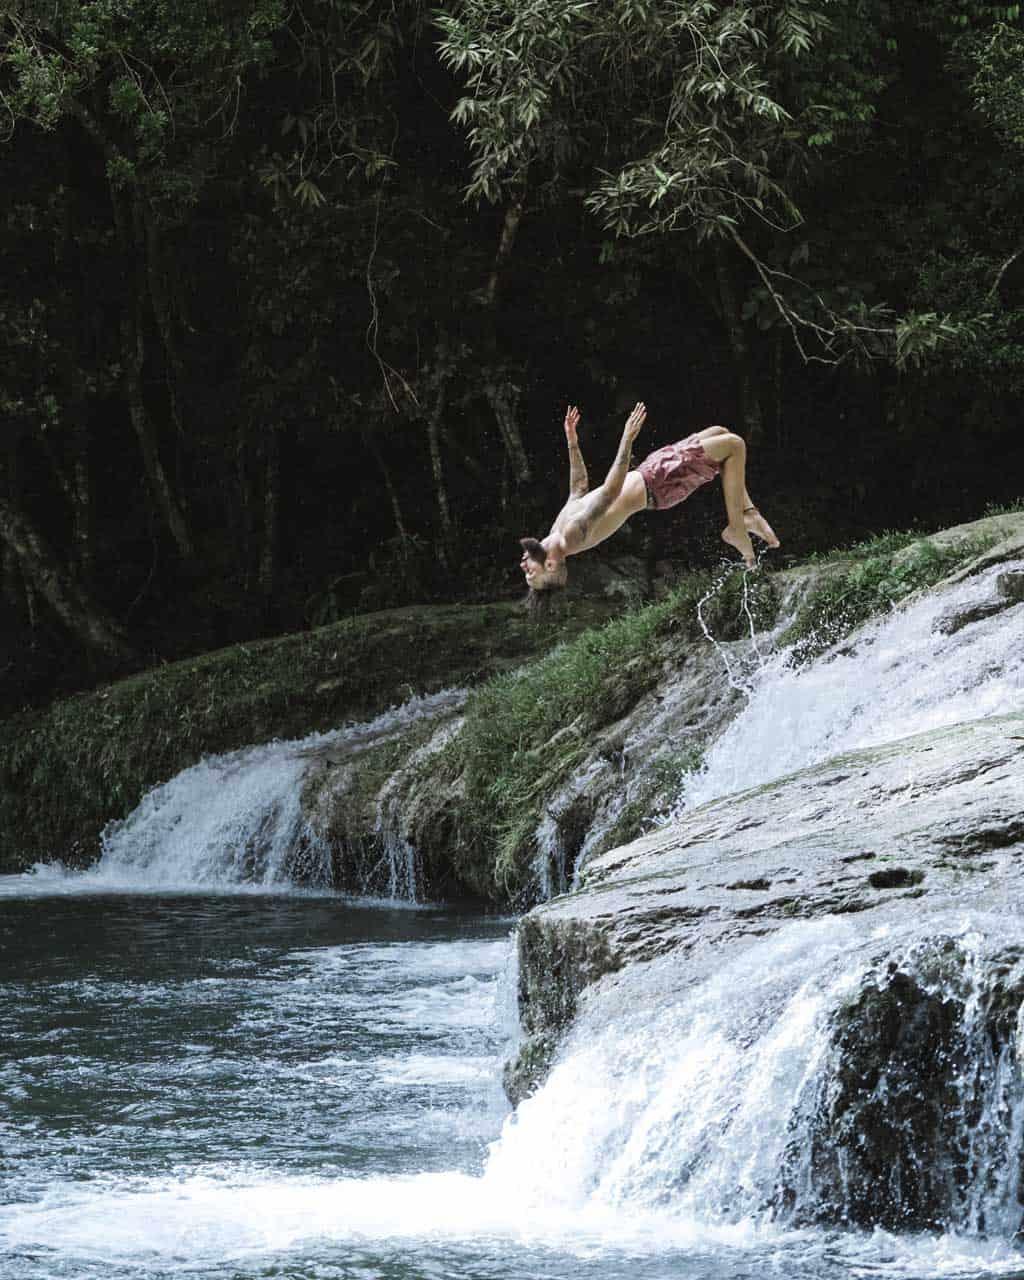 las terrazas homme qui saute riviere cuba autrement